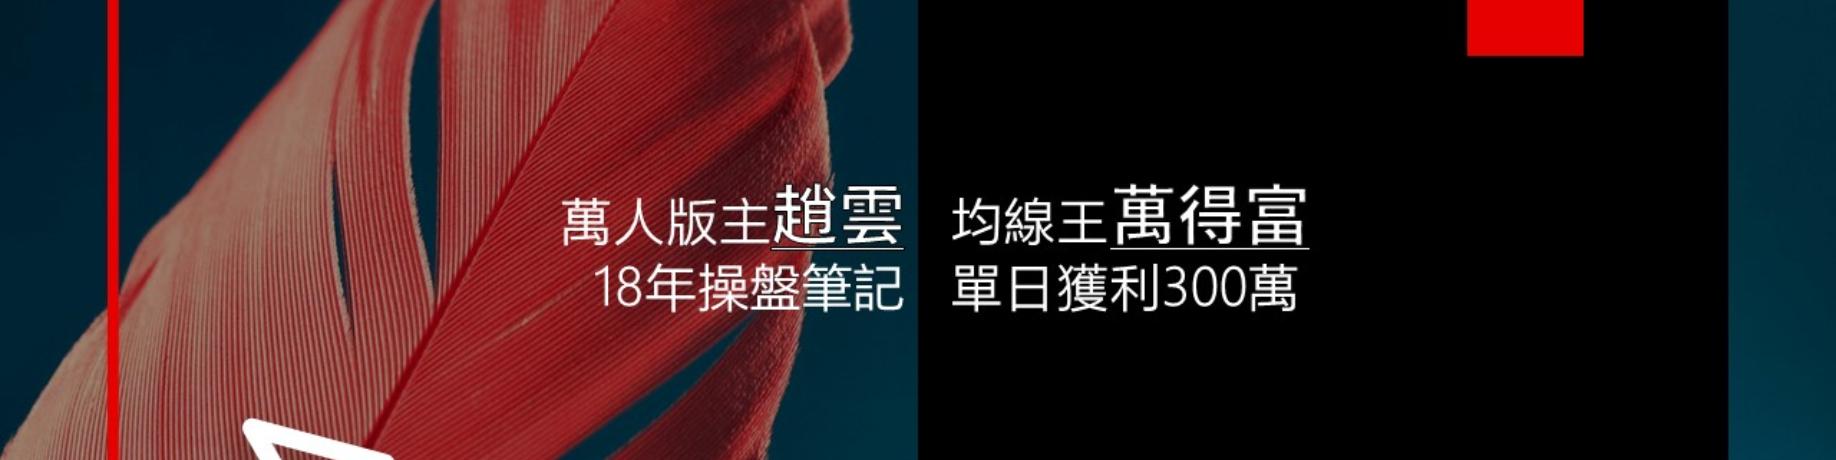 【奔馳交易學院】萬人社團版主 趙雲 x 萬得富